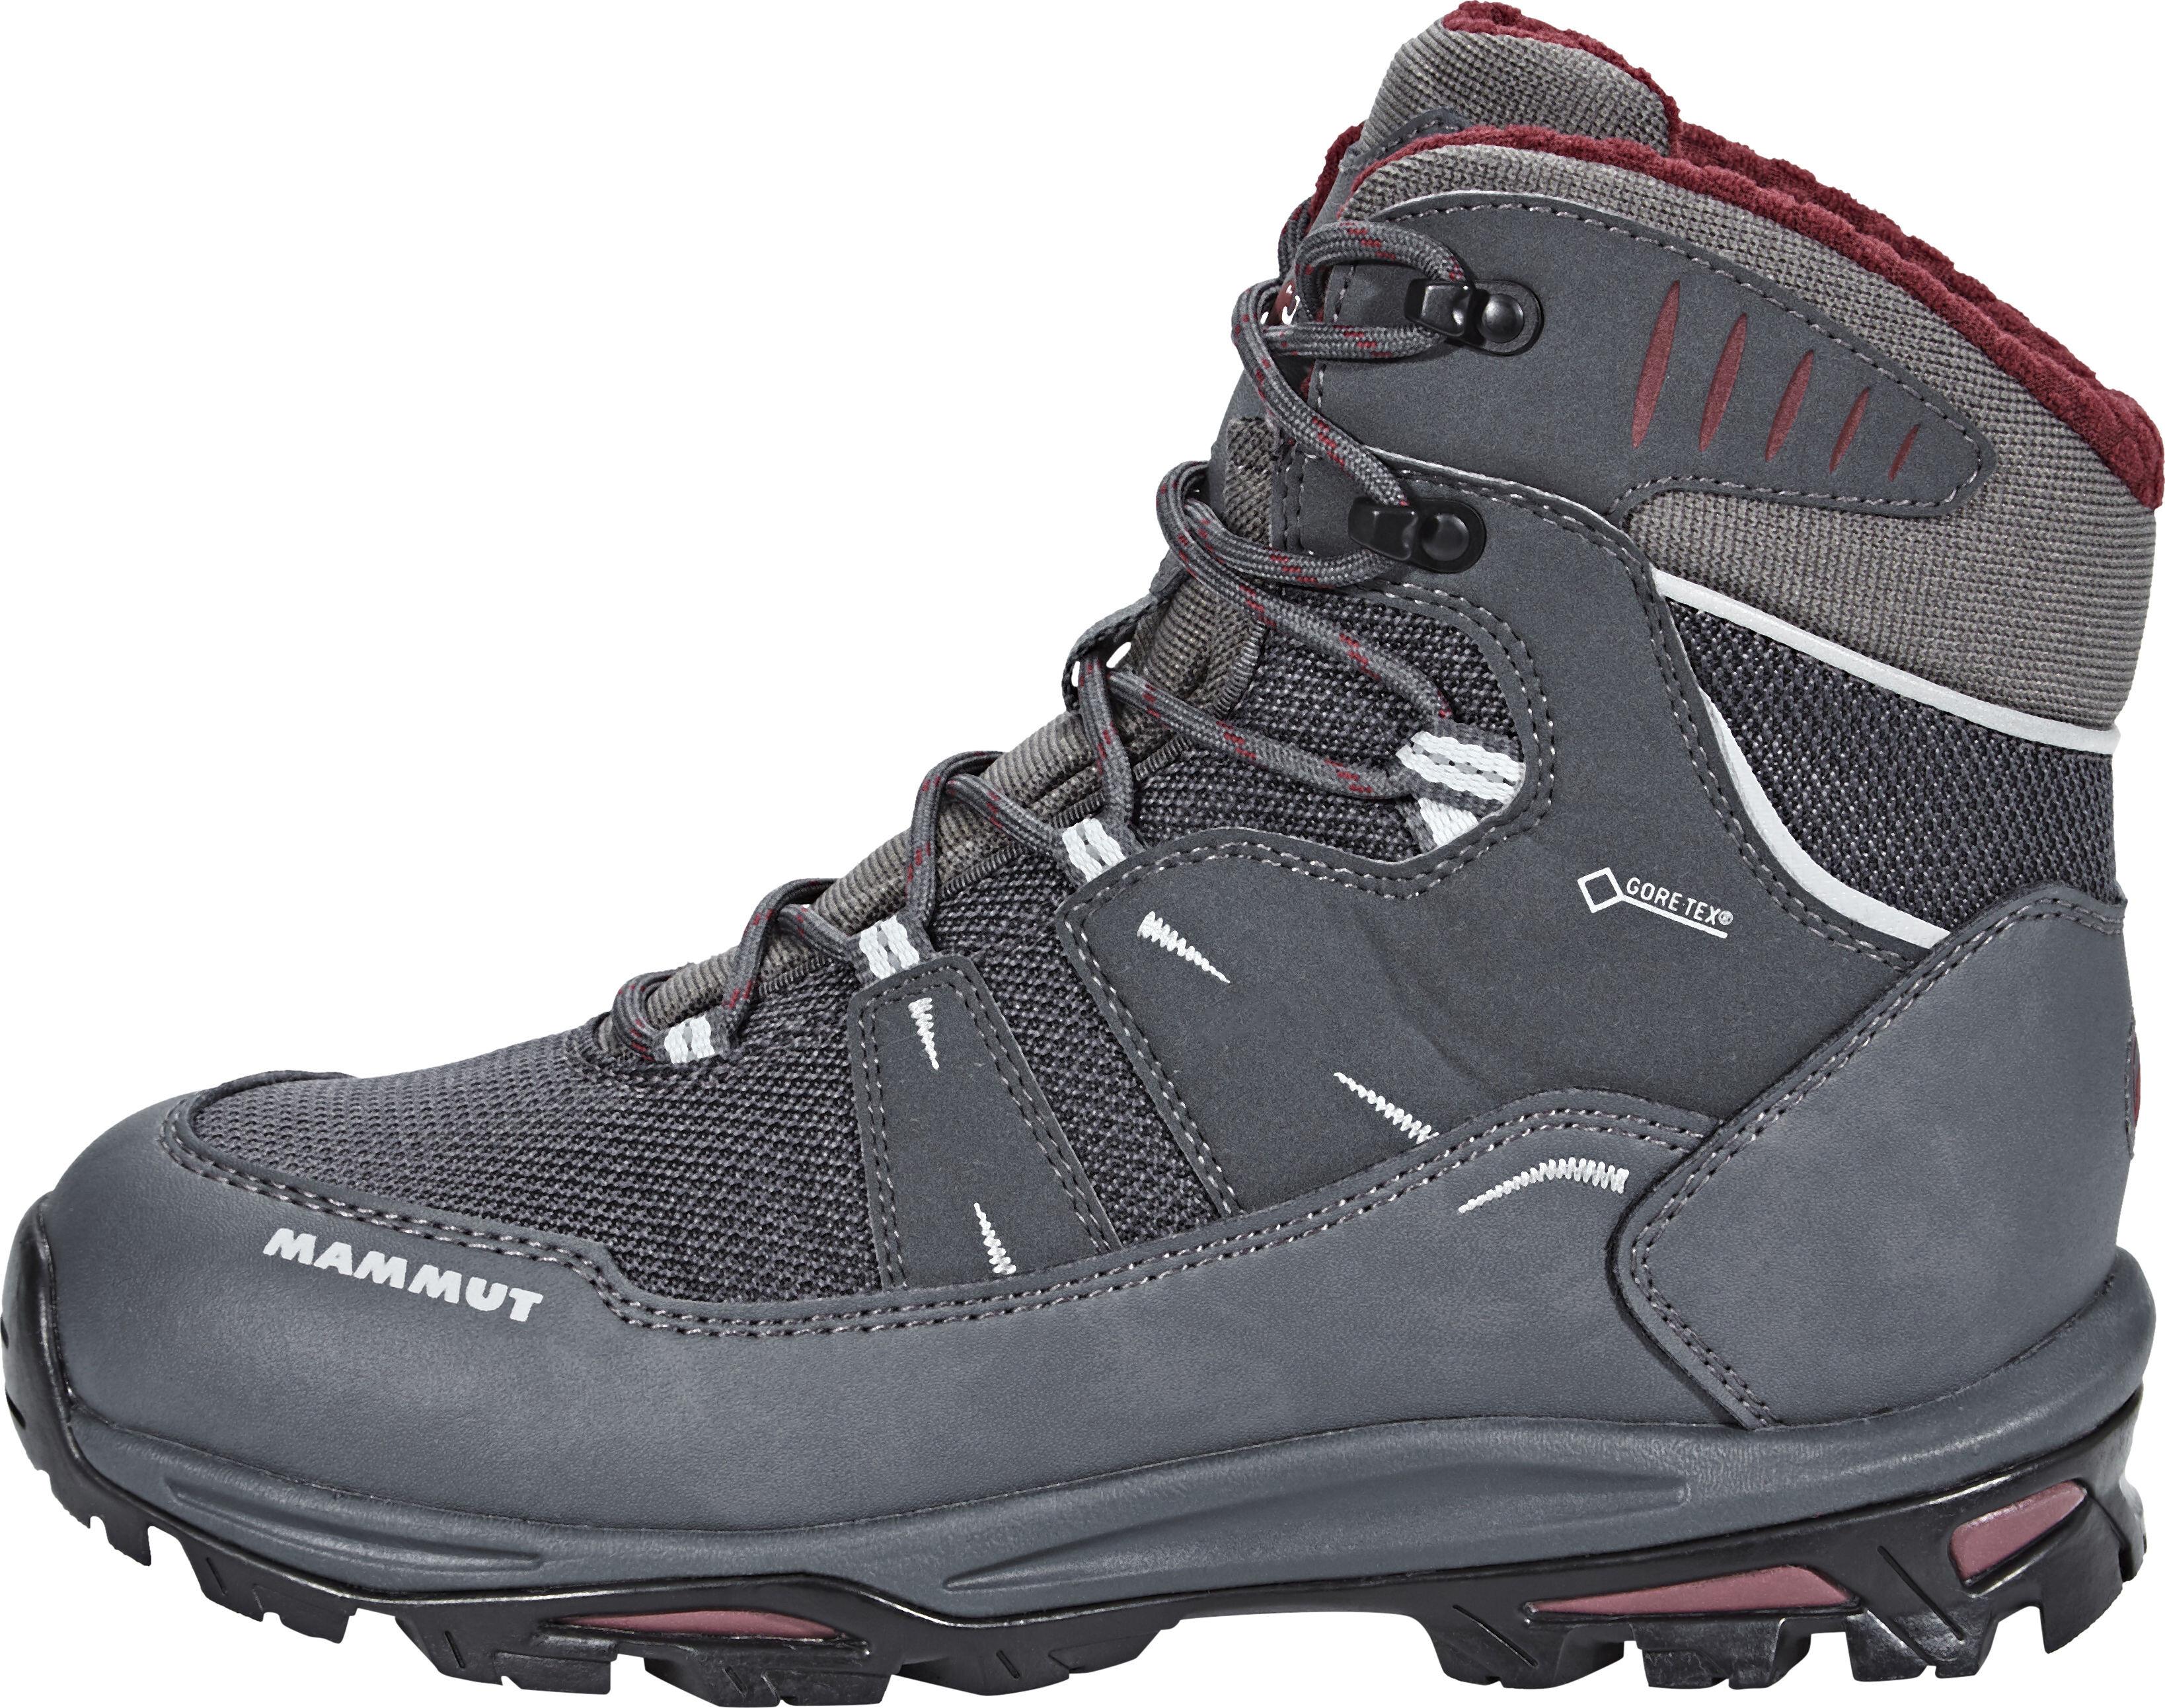 3599dd2de15 Mammut Runbold Tour High II GTX Shoes Women graphite-merlot